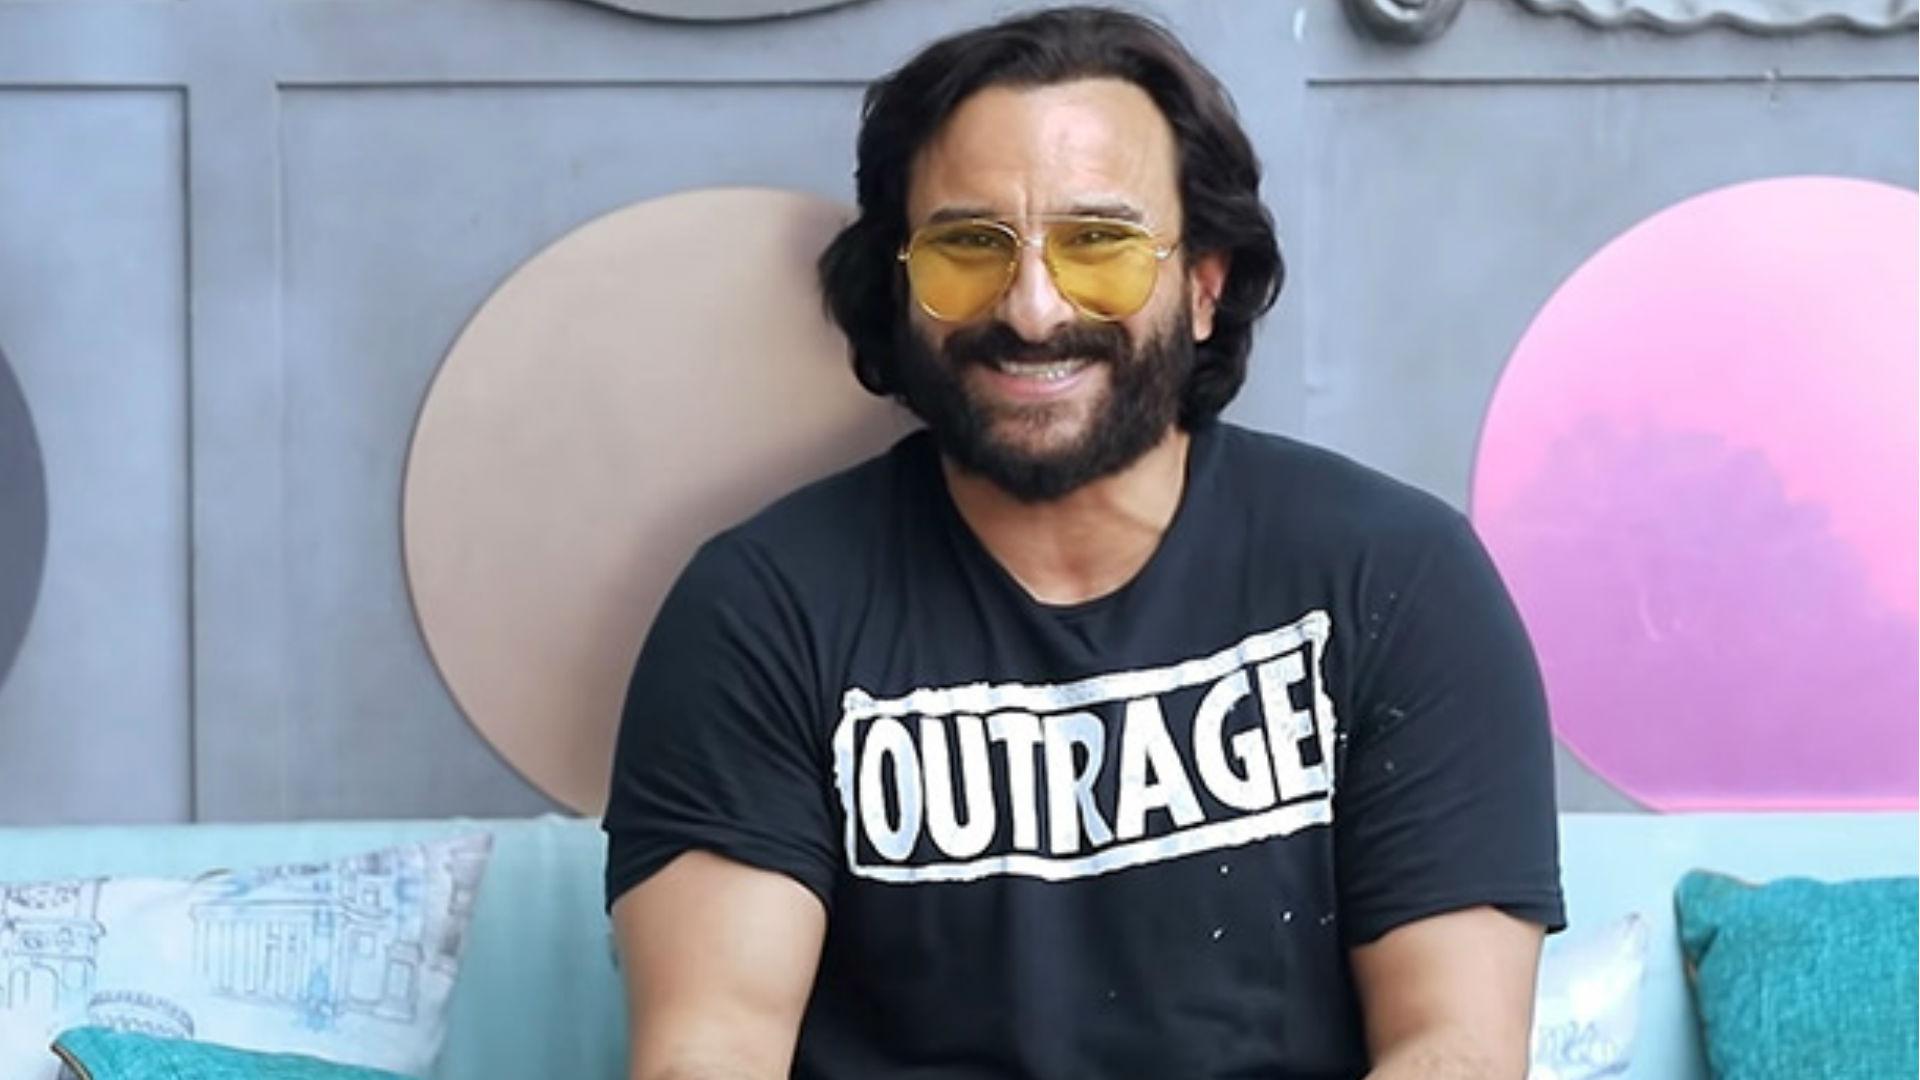 EXCLUSIVE: सैफ अली खान ने अमृता सिंह से शादी के बारे में कहा- वह दुनिया की सबसे बुरी चीज थी